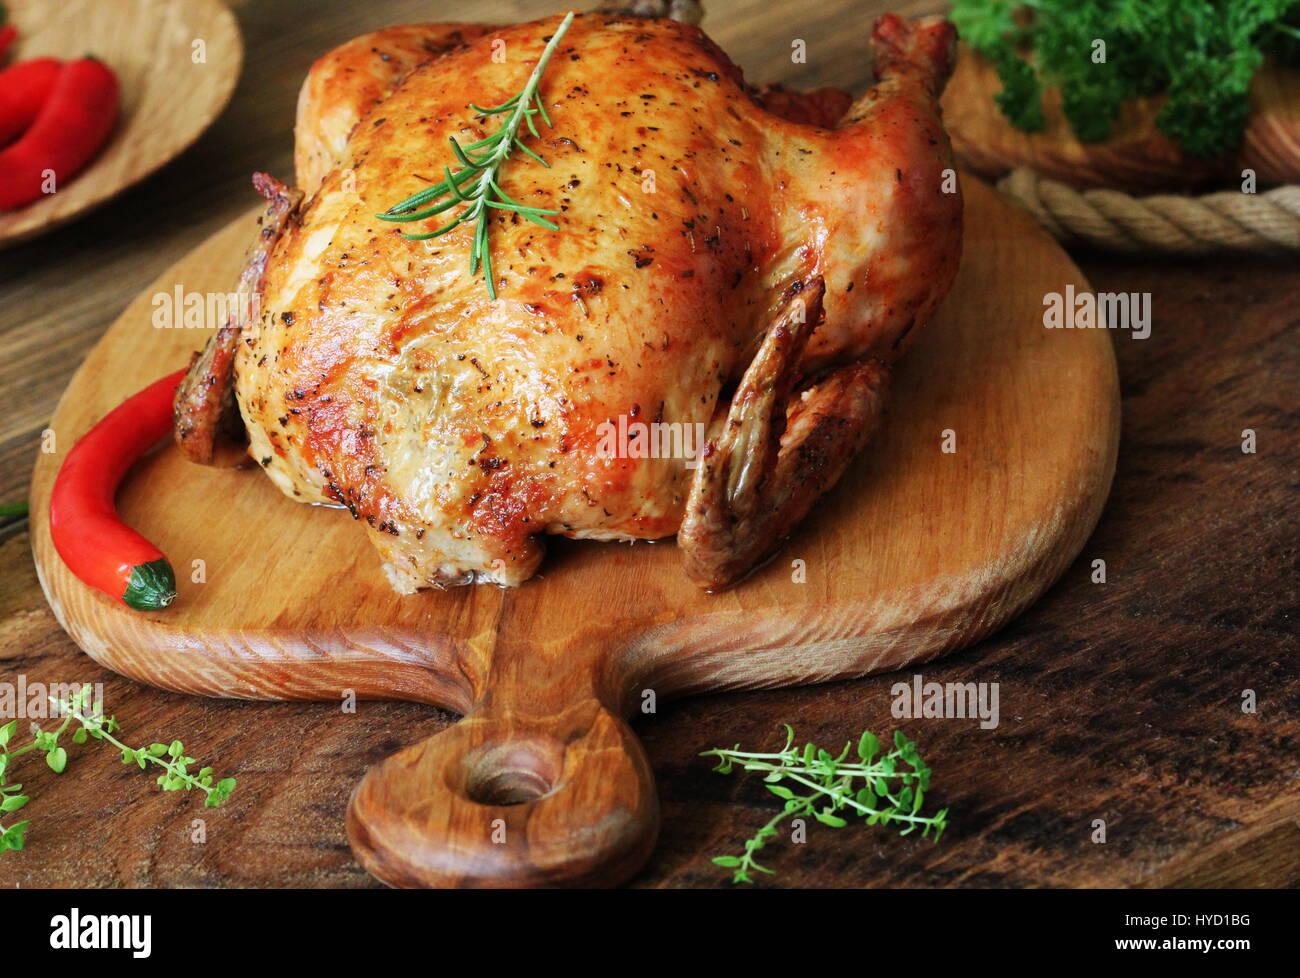 Ganz gebratenes Huhn auf Schneidebrett Stockbild